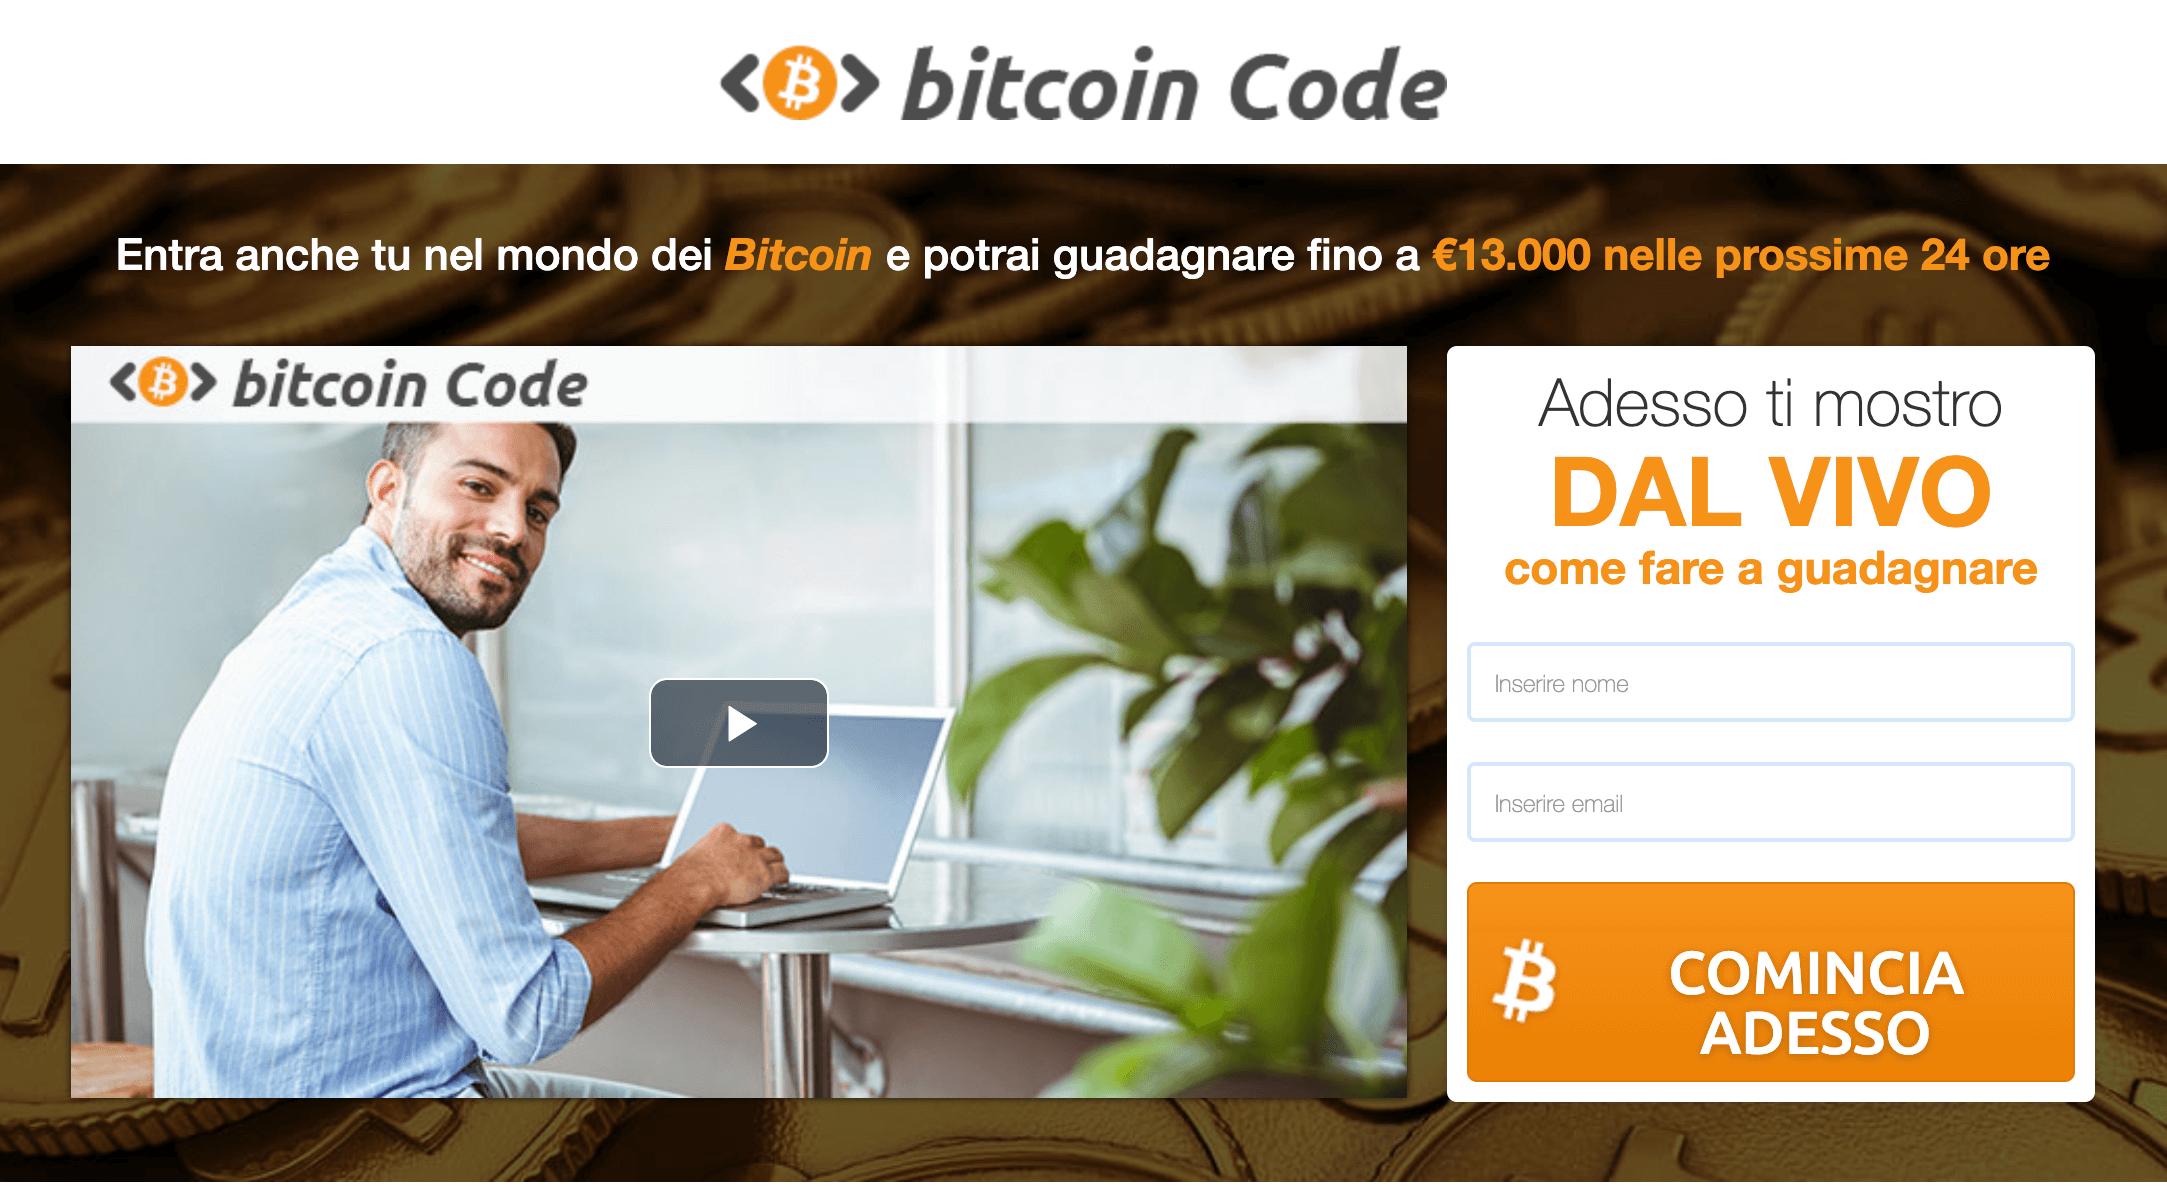 guadagnare un sacco di bitcoin